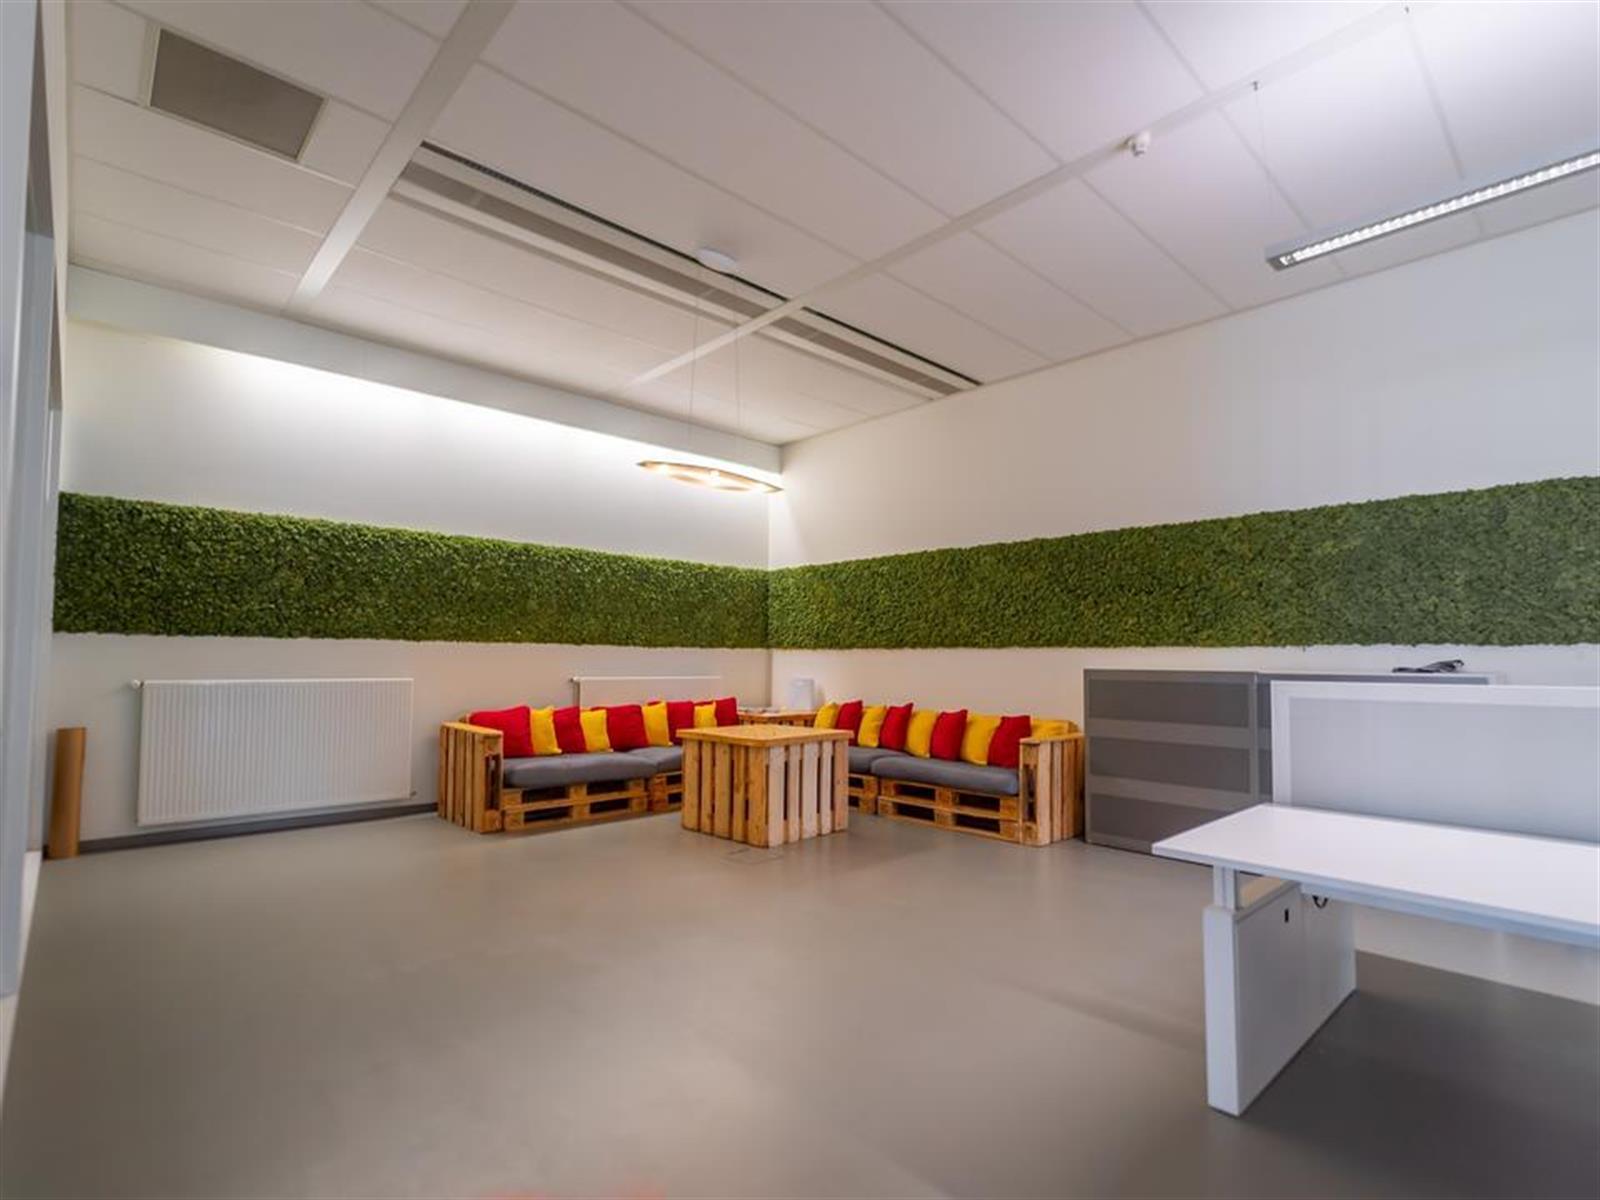 kantoren & magazijn te huur I157 - Satenrozen 11-13, 2550 Kontich, België 6